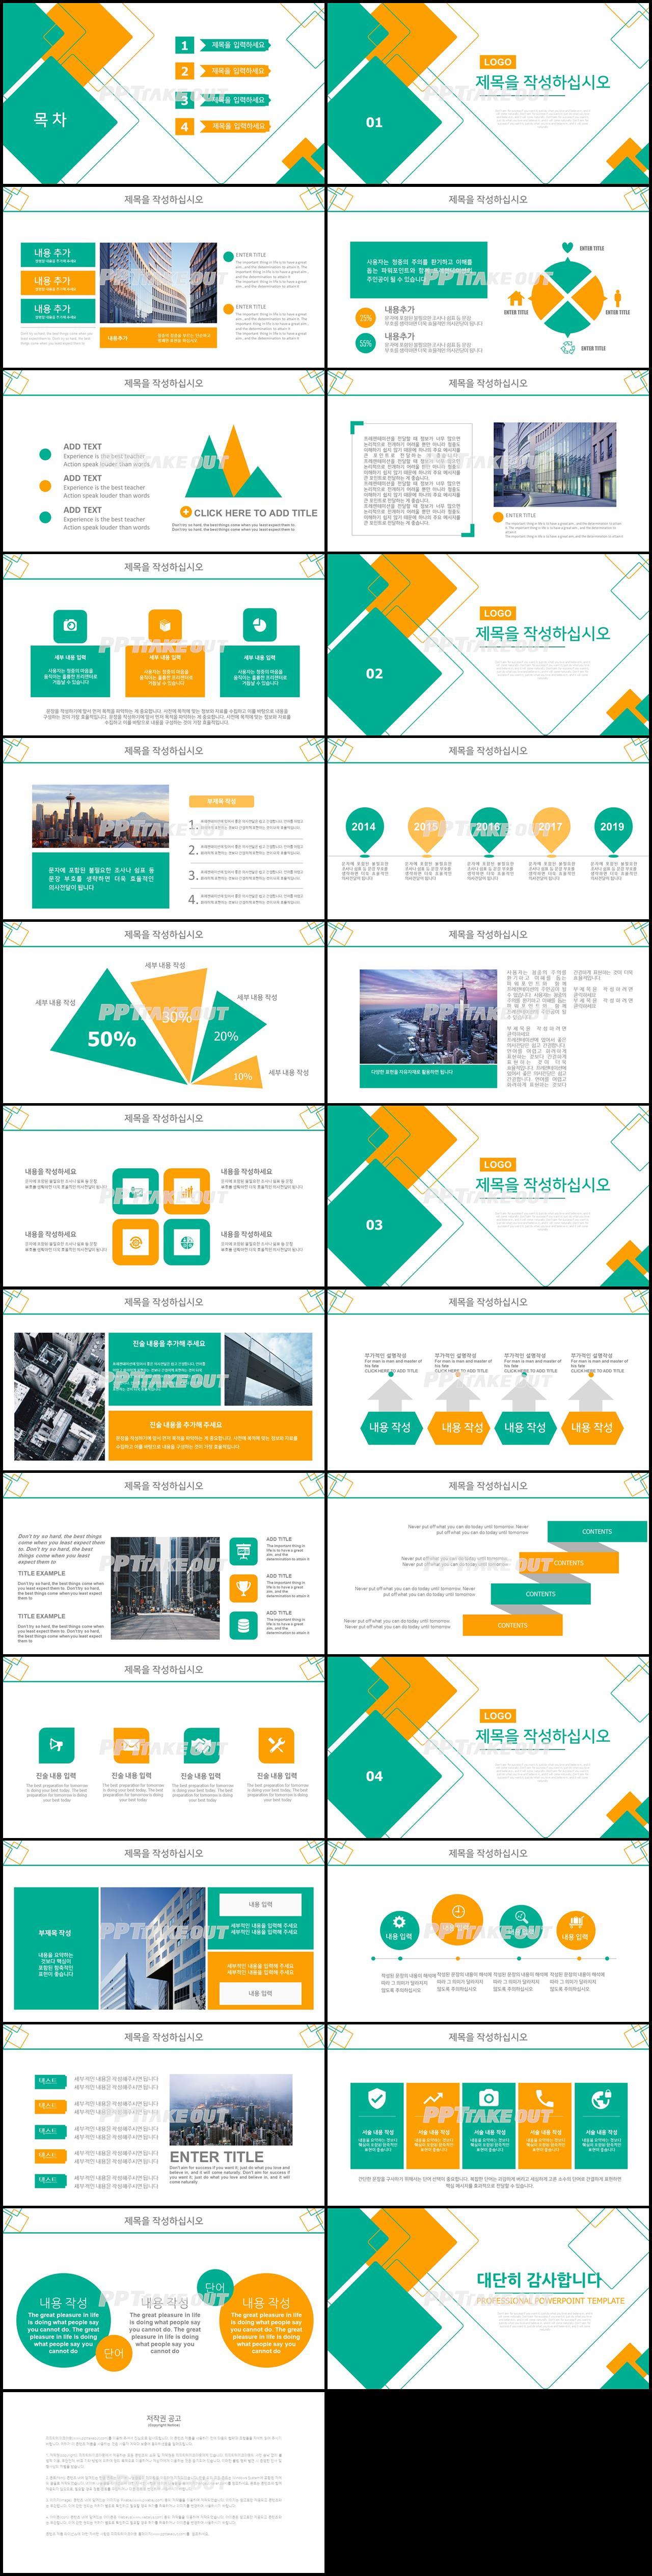 홍보마케팅 풀색 간략한 고급형 PPT배경 디자인 상세보기